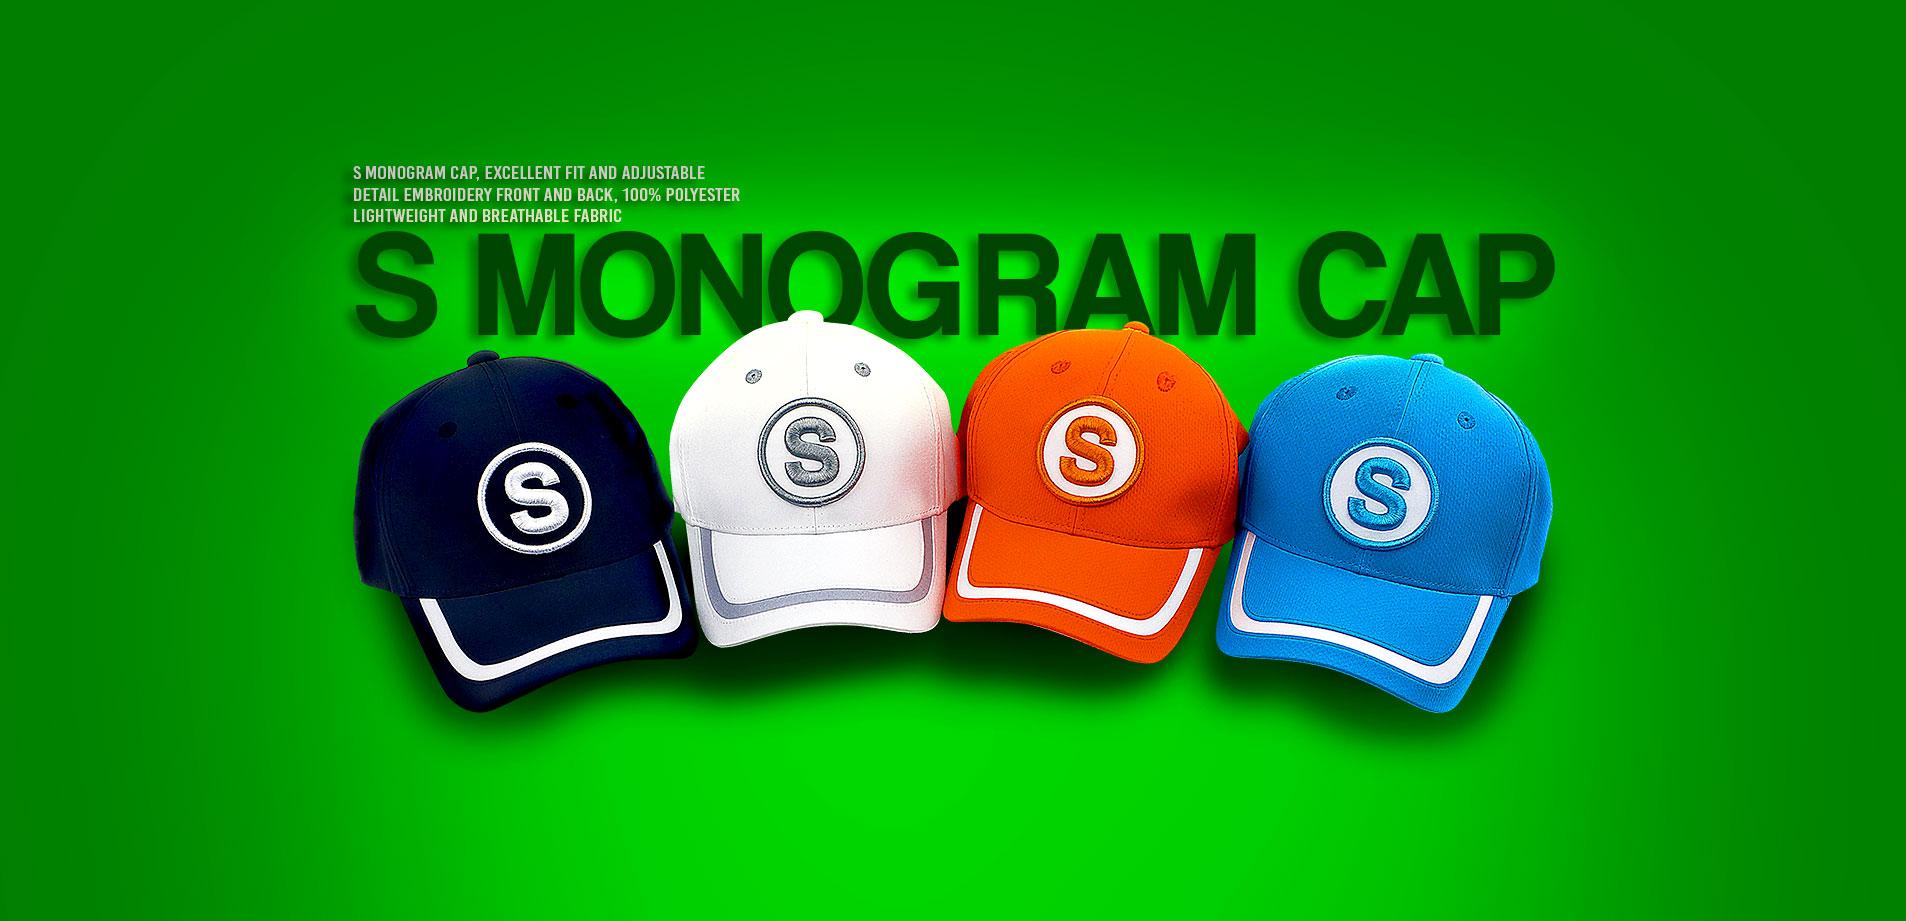 S Monogram Cap